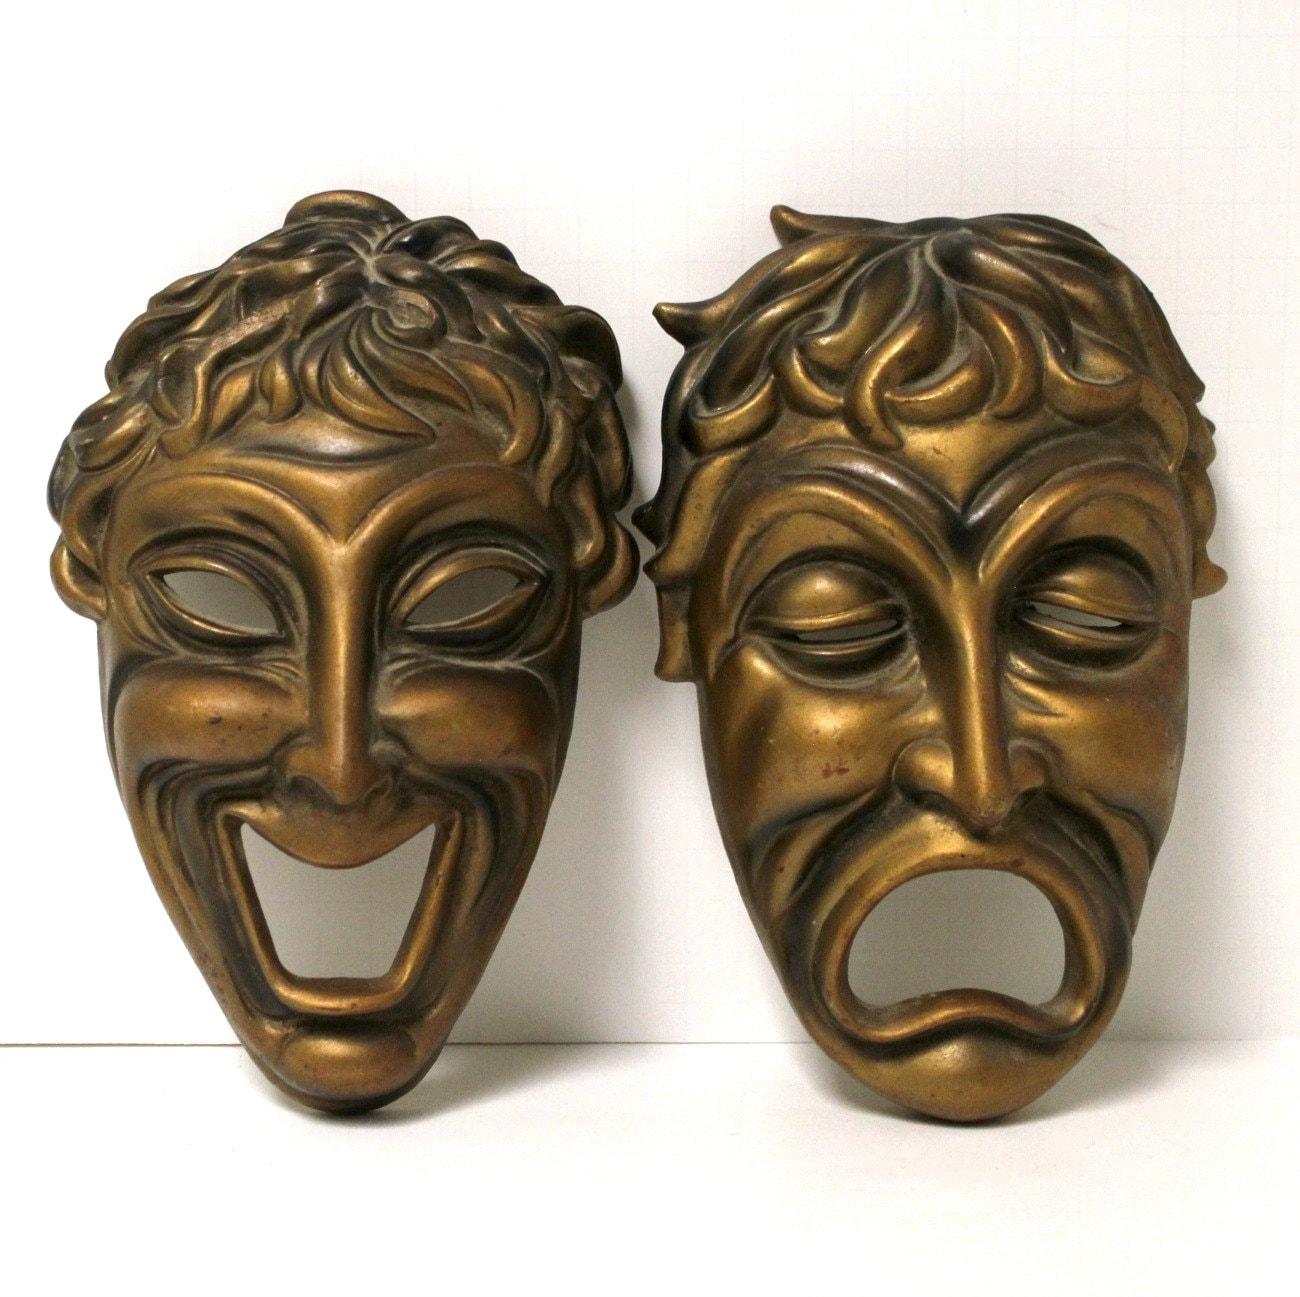 Vintage Comedy Tragedy Masks Faces Gold Hollywood Regency